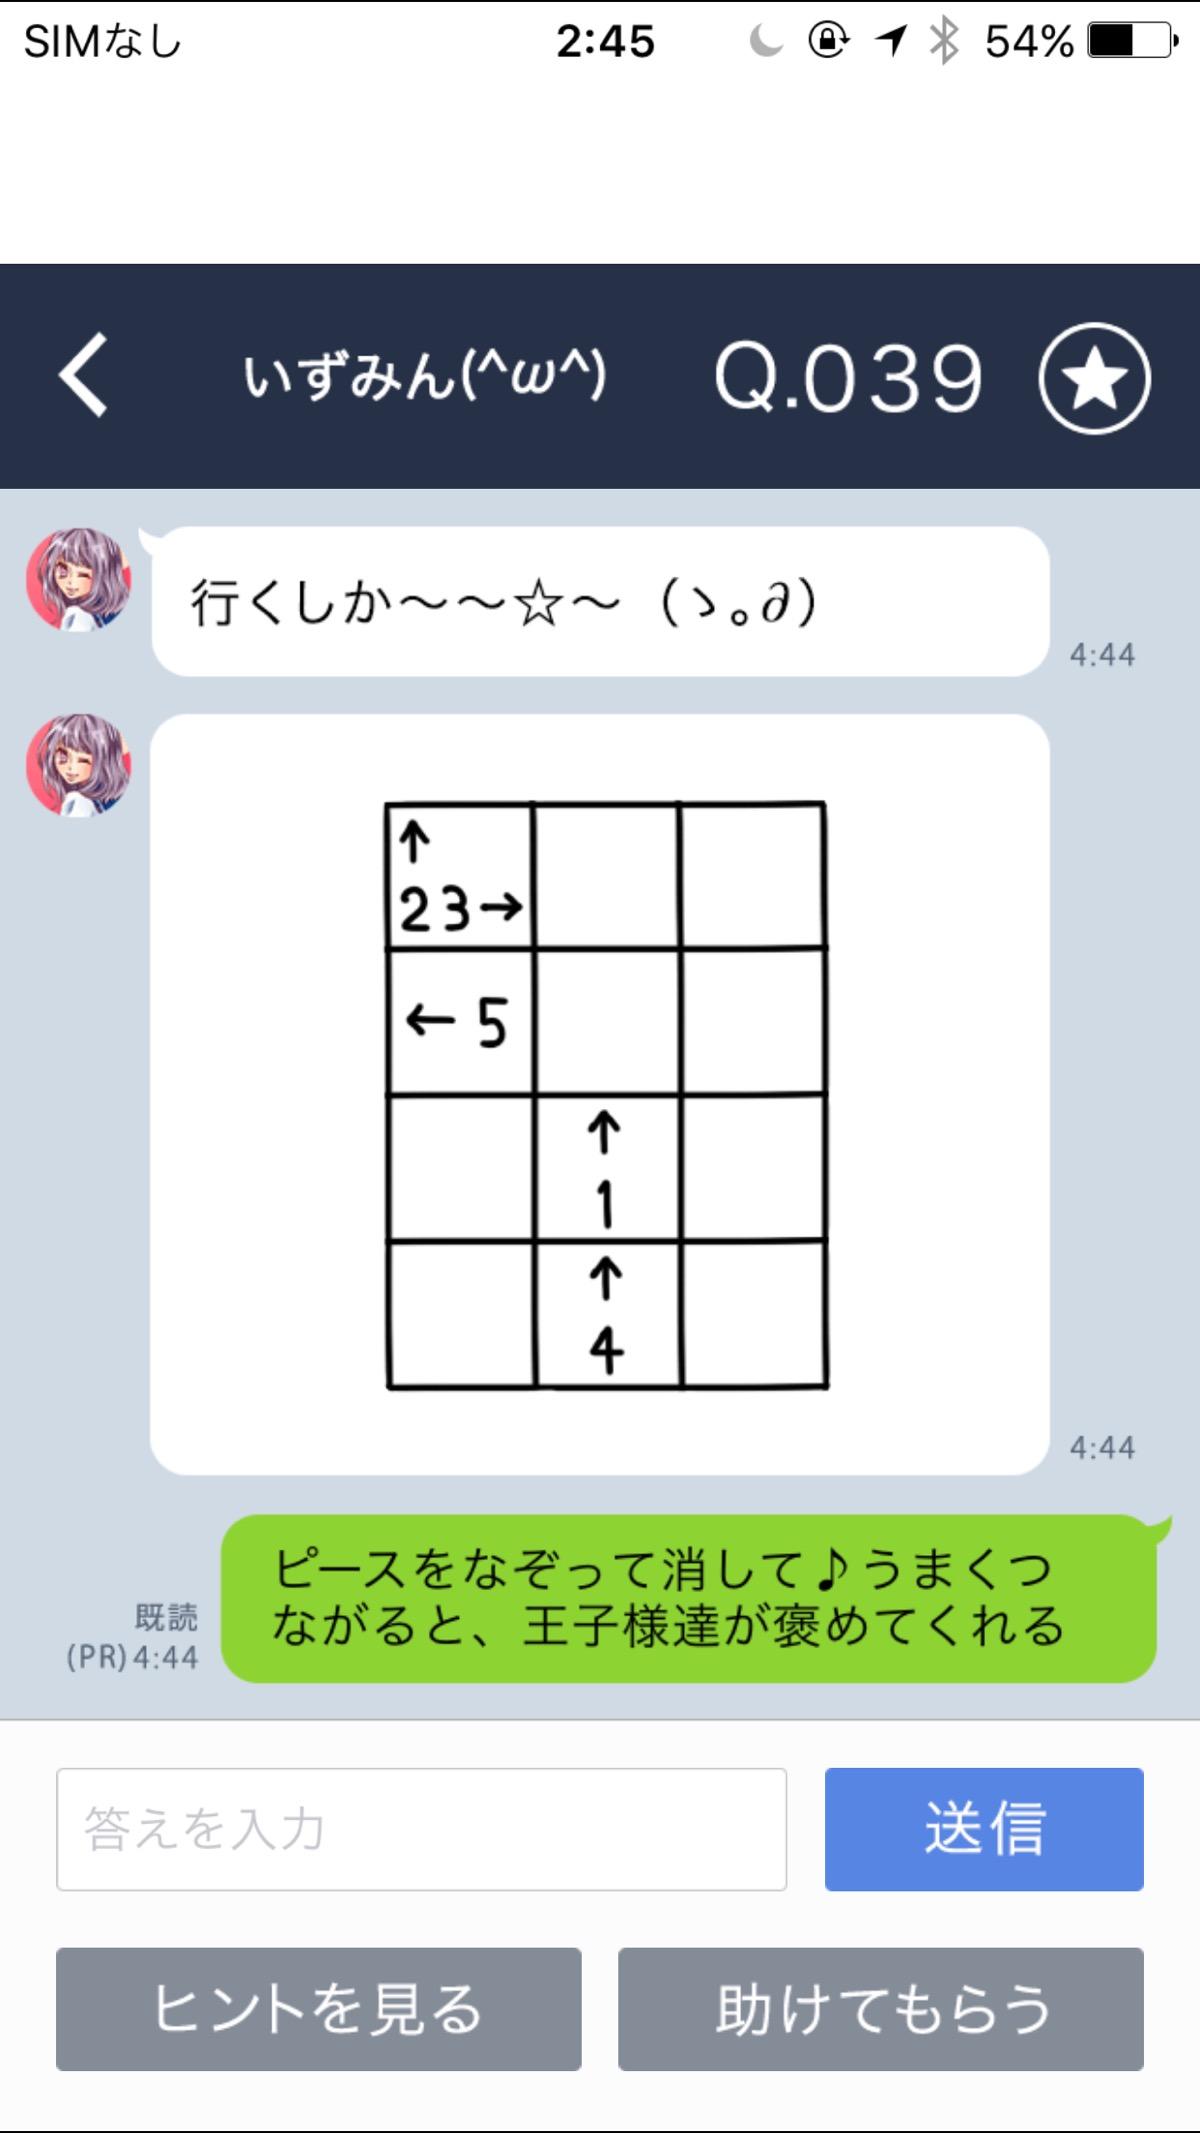 行くしか〜〜☆〜